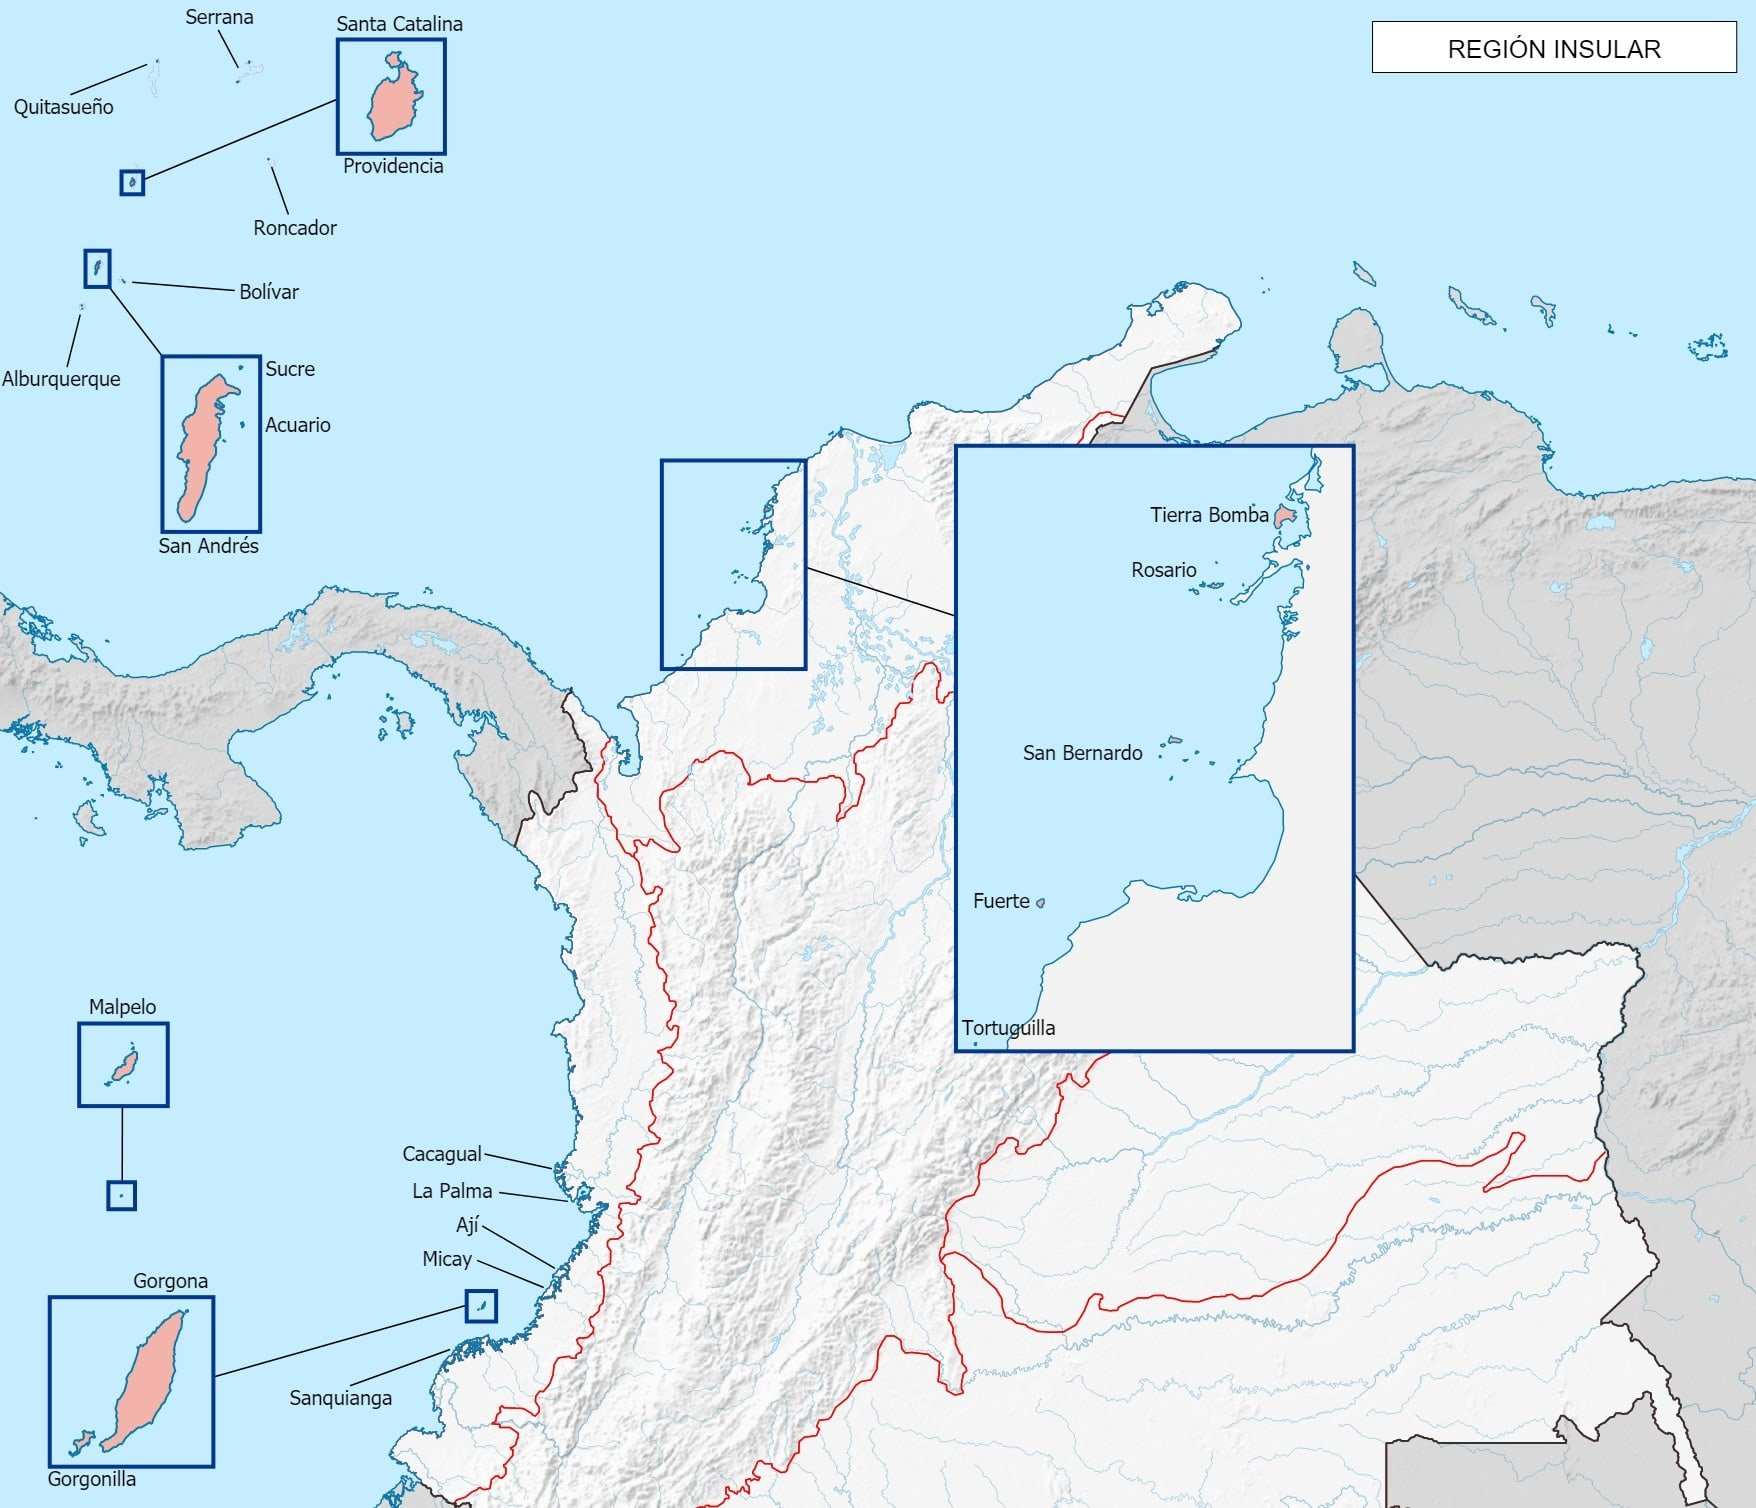 Islas de la Region insular de Colombia